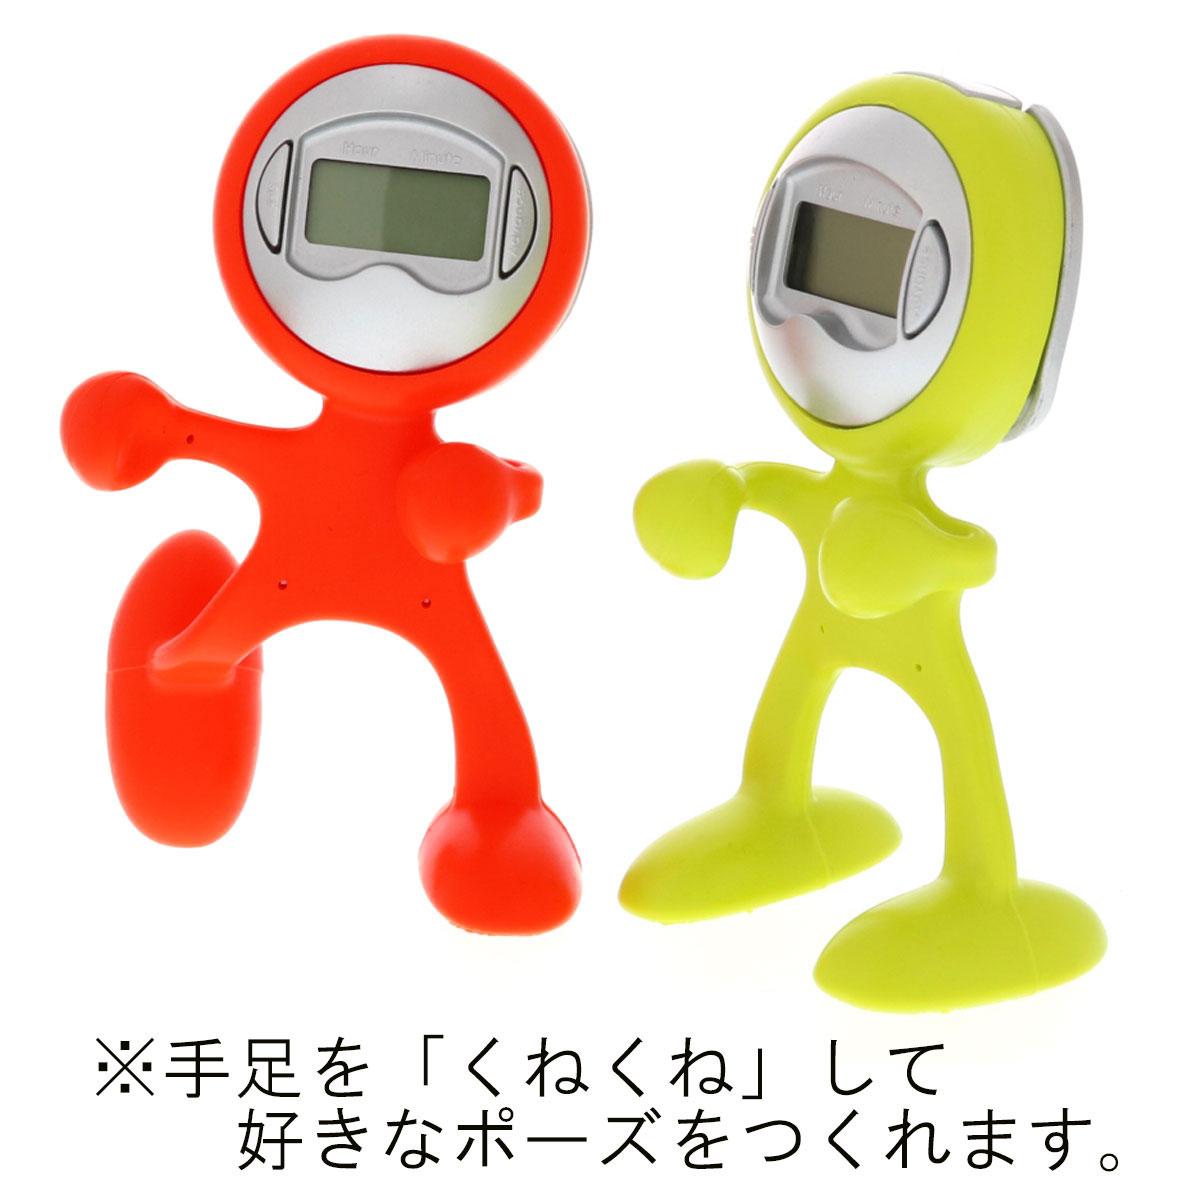 【周年記念品台紙】クロックレンジャー 三菱鉛筆 ジェットストリーム 5機能ペンセット